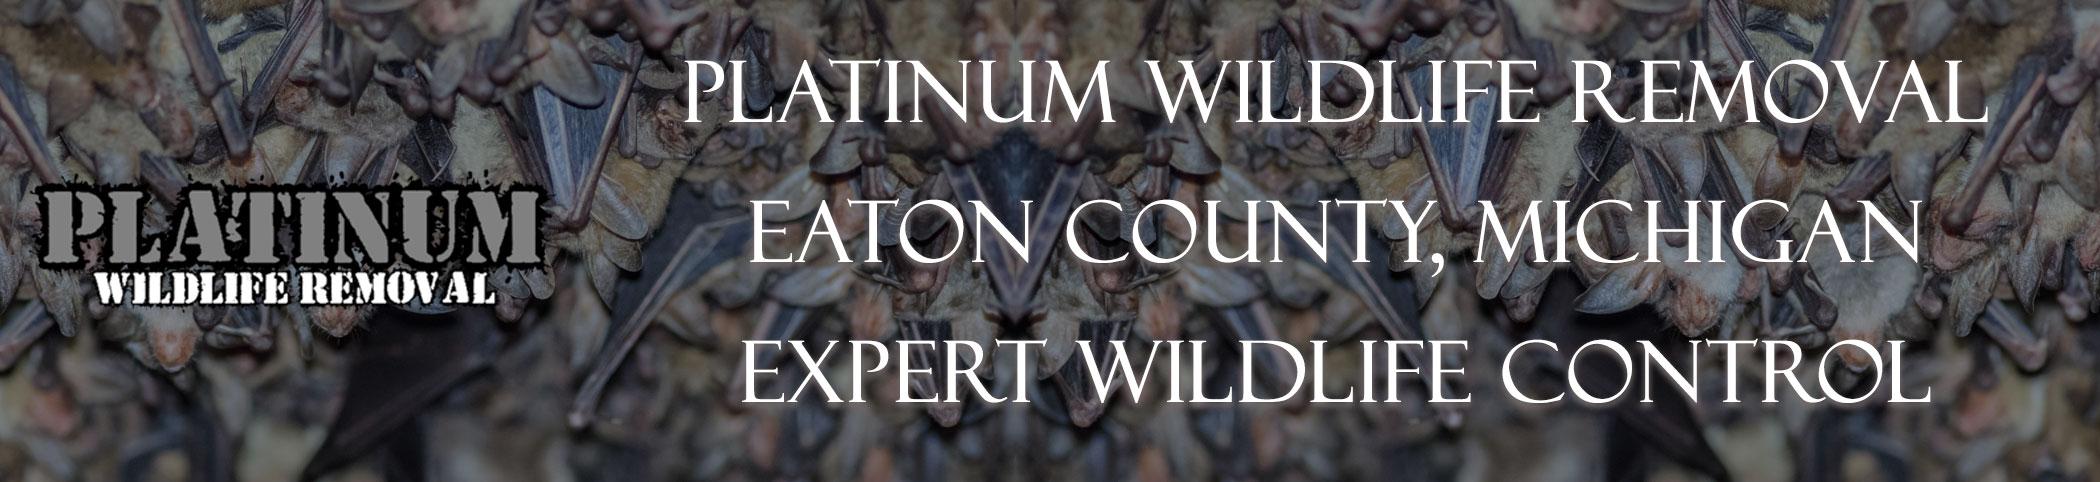 Eaton-County-Michigan-Bat-Removal-header-Image